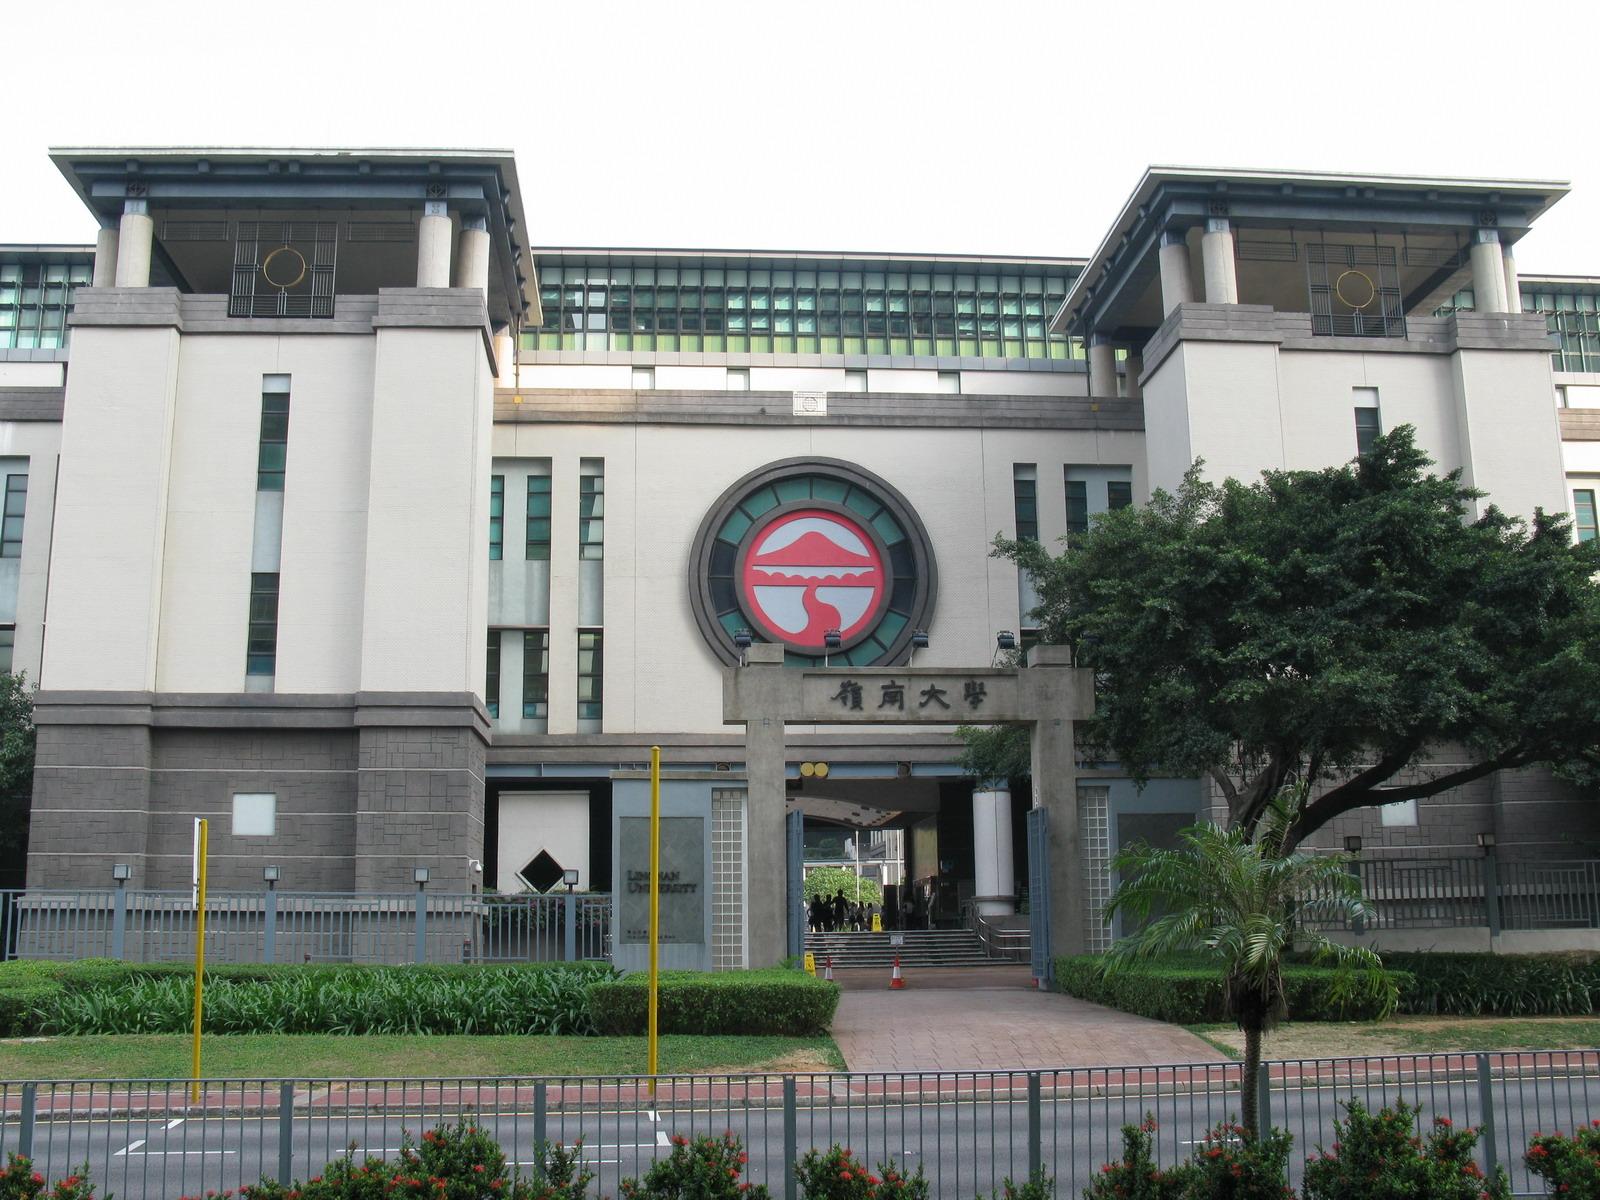 Lingnan_University